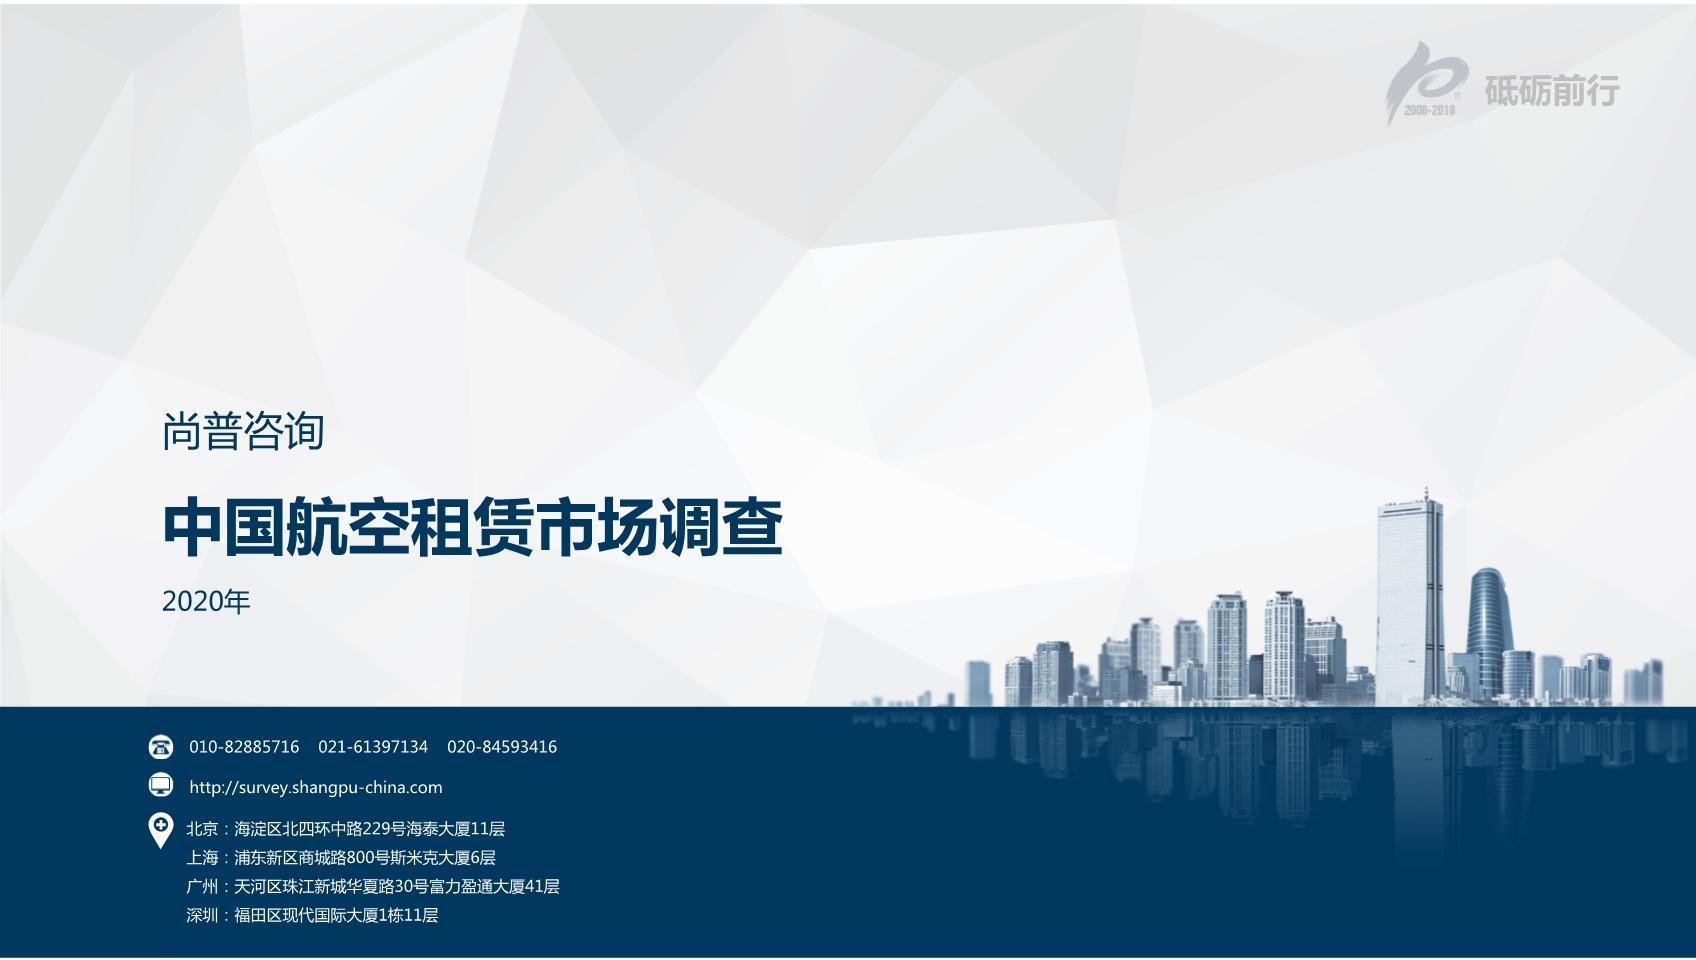 尚普咨询:2020年中国航空租赁市场调查